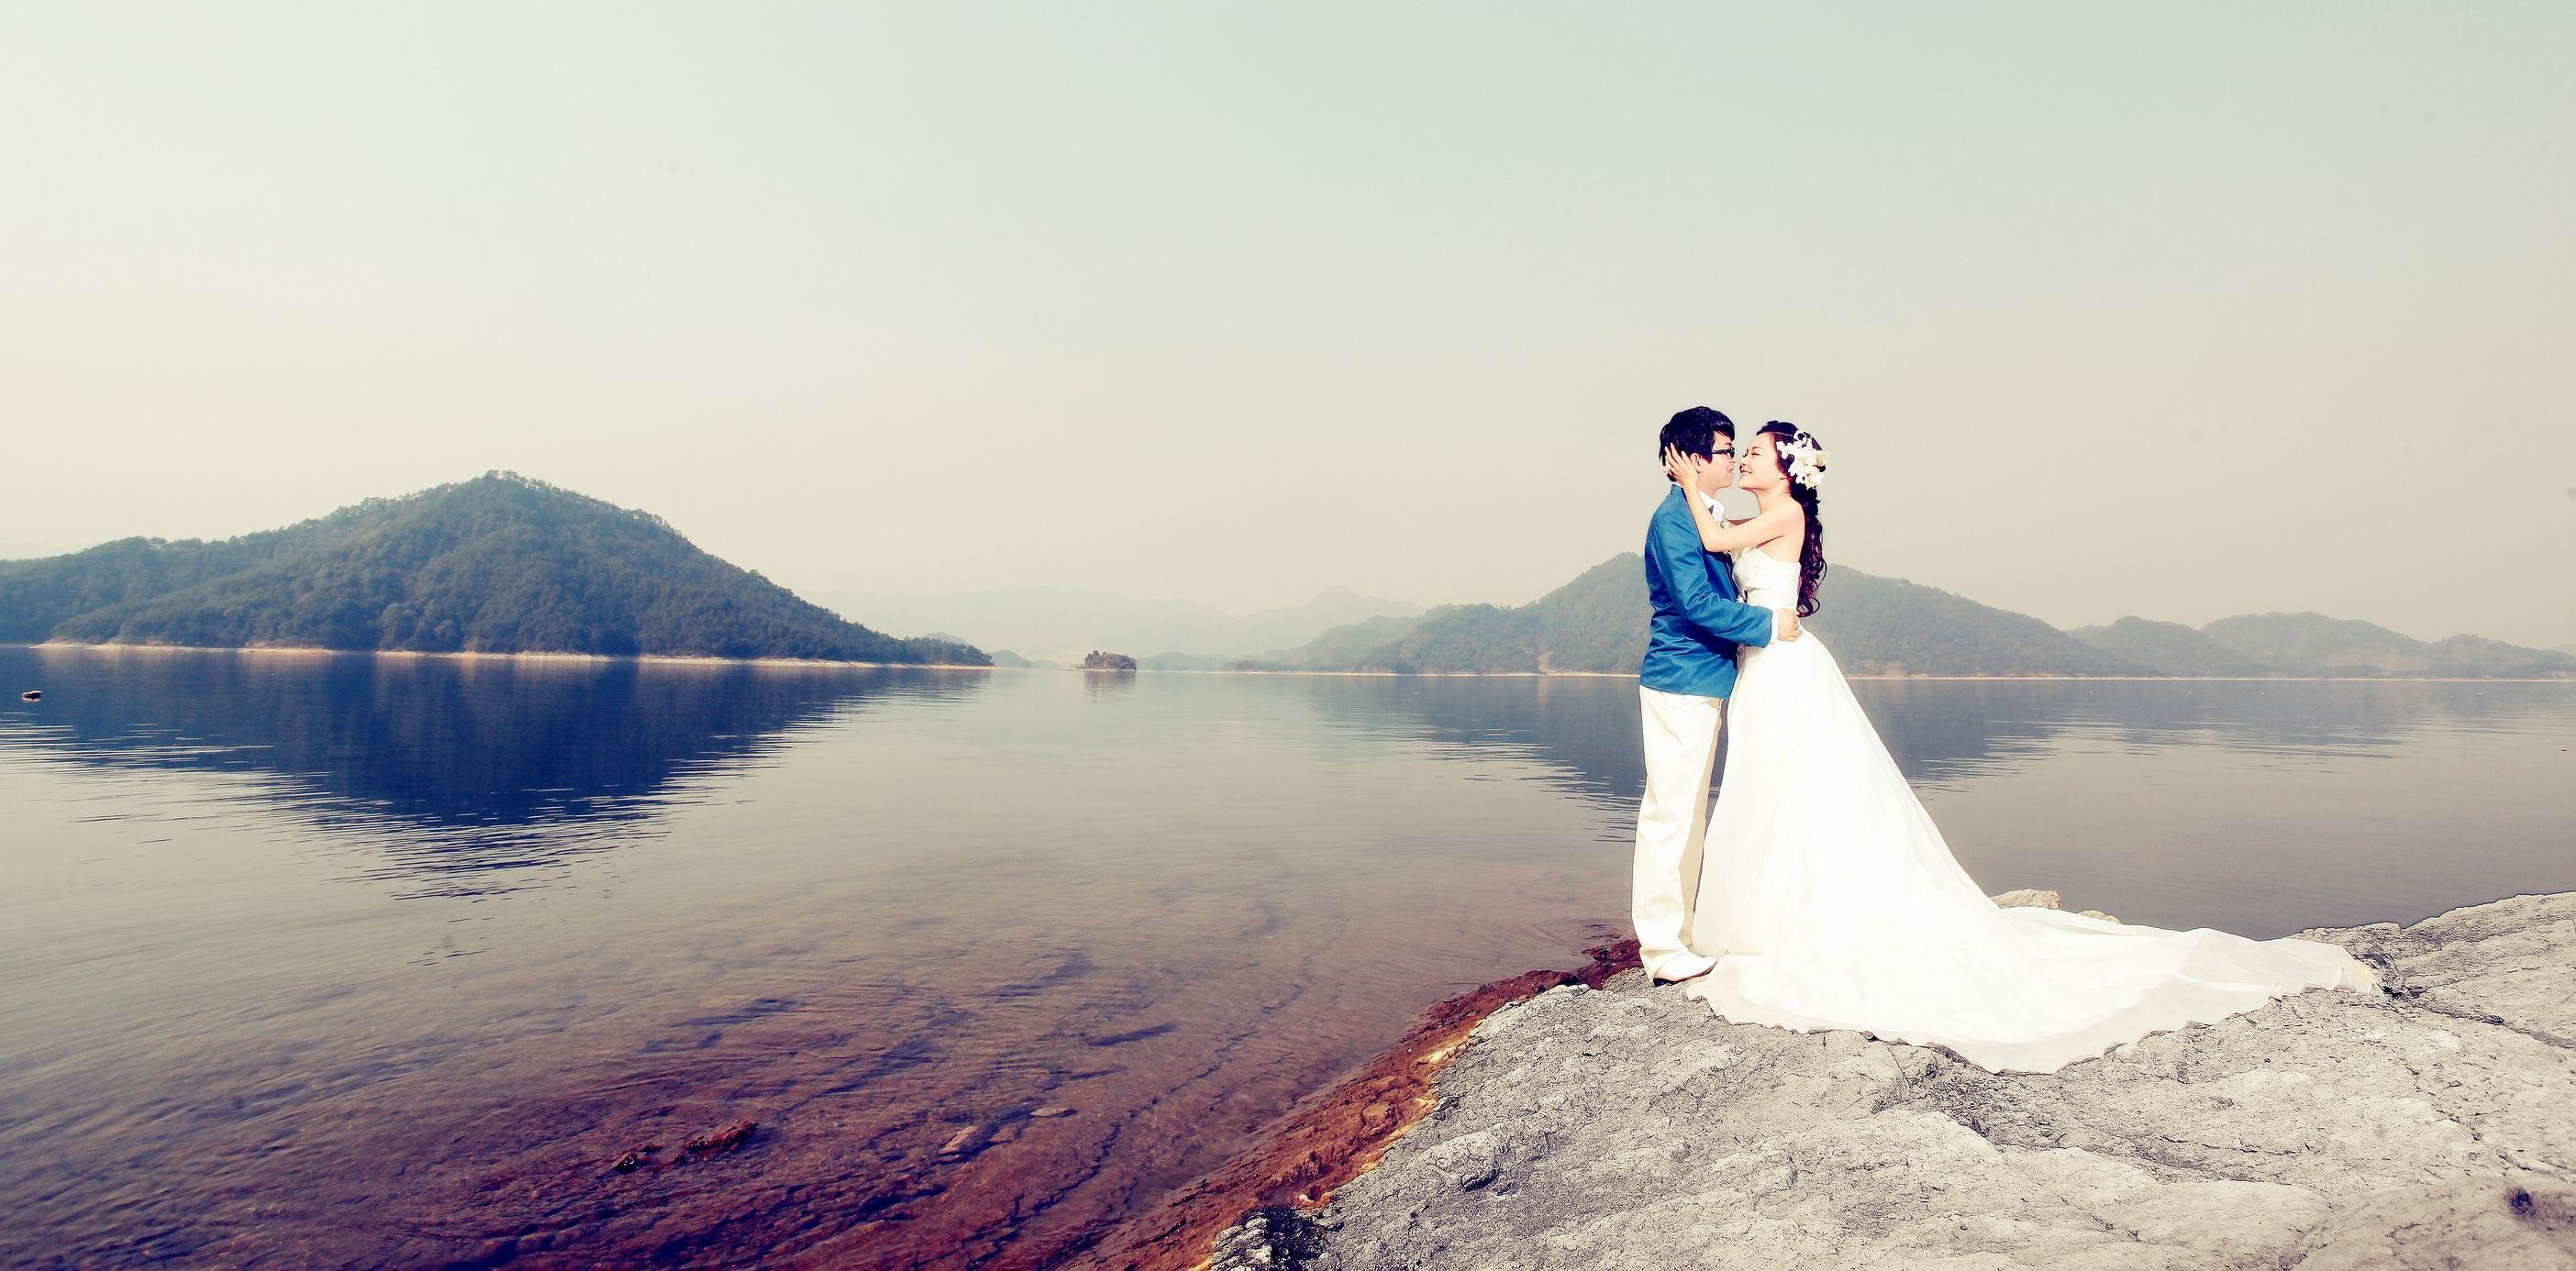 千岛湖费洛蒙